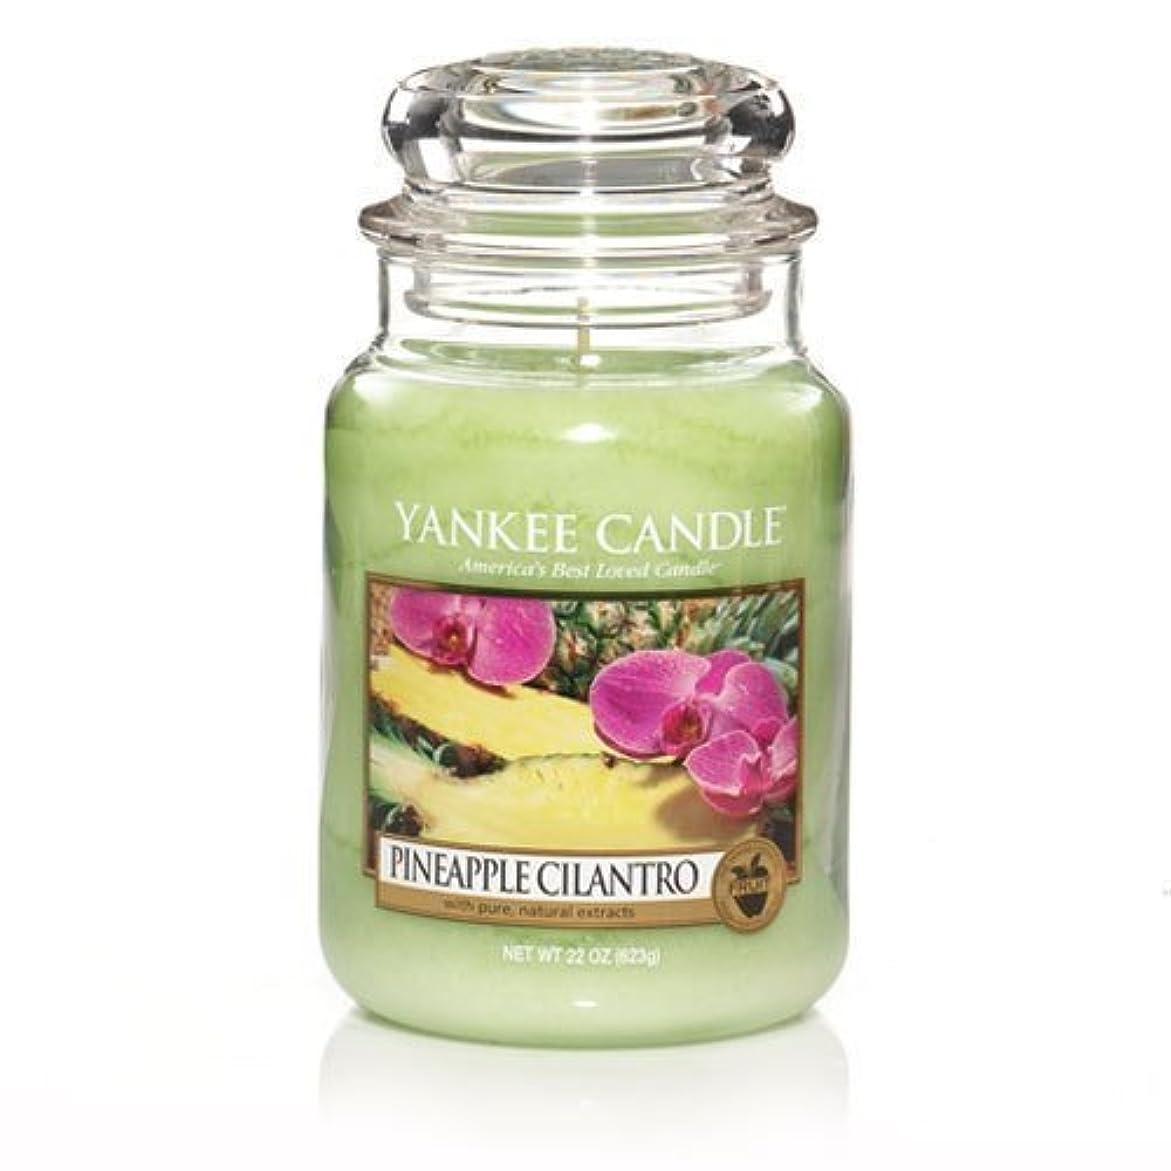 偏差生理まさにYankee Candle Pineapple Cilantro Large Jar 22oz Candle by Amazon source [並行輸入品]